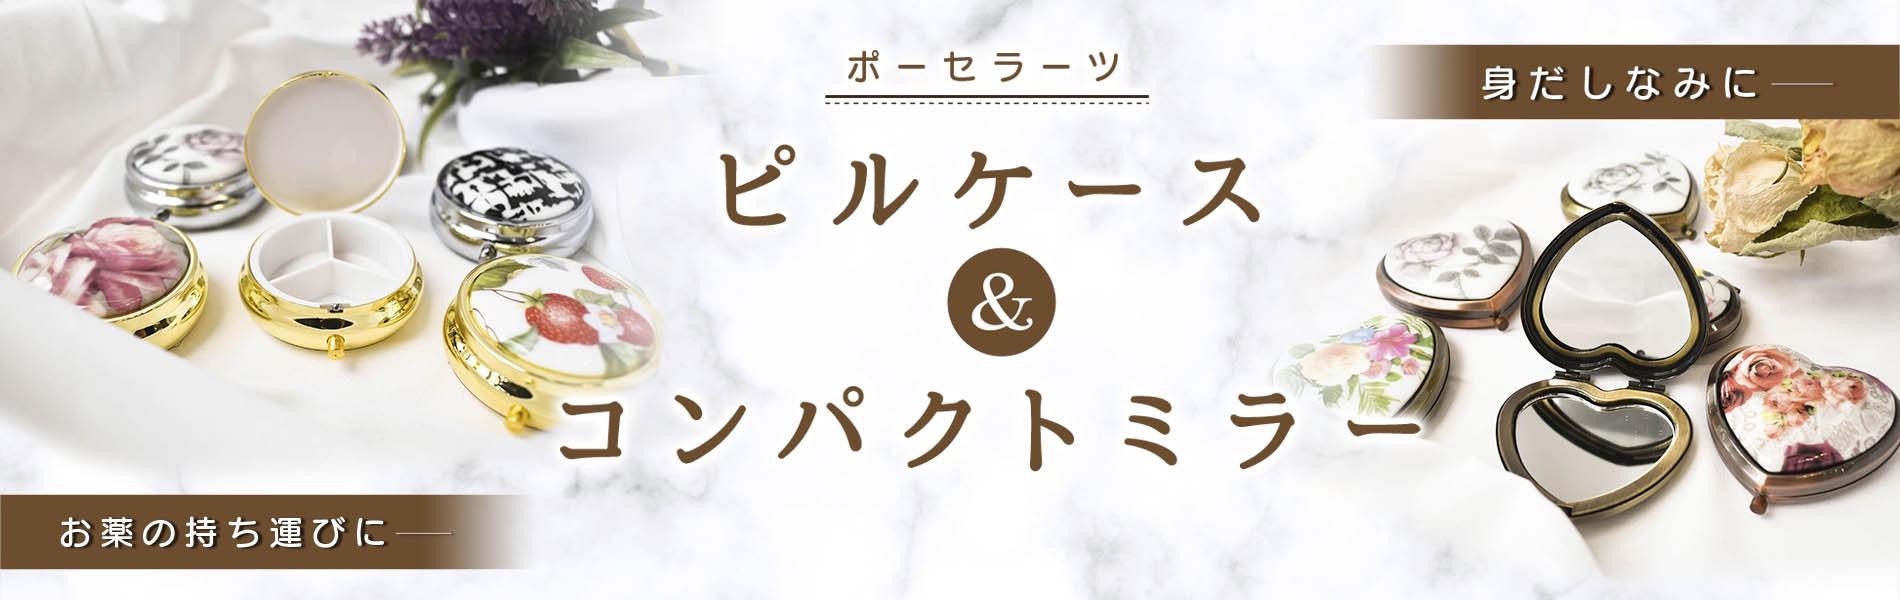 【ポーセラーツ】ピルケース&コンパクトミラー